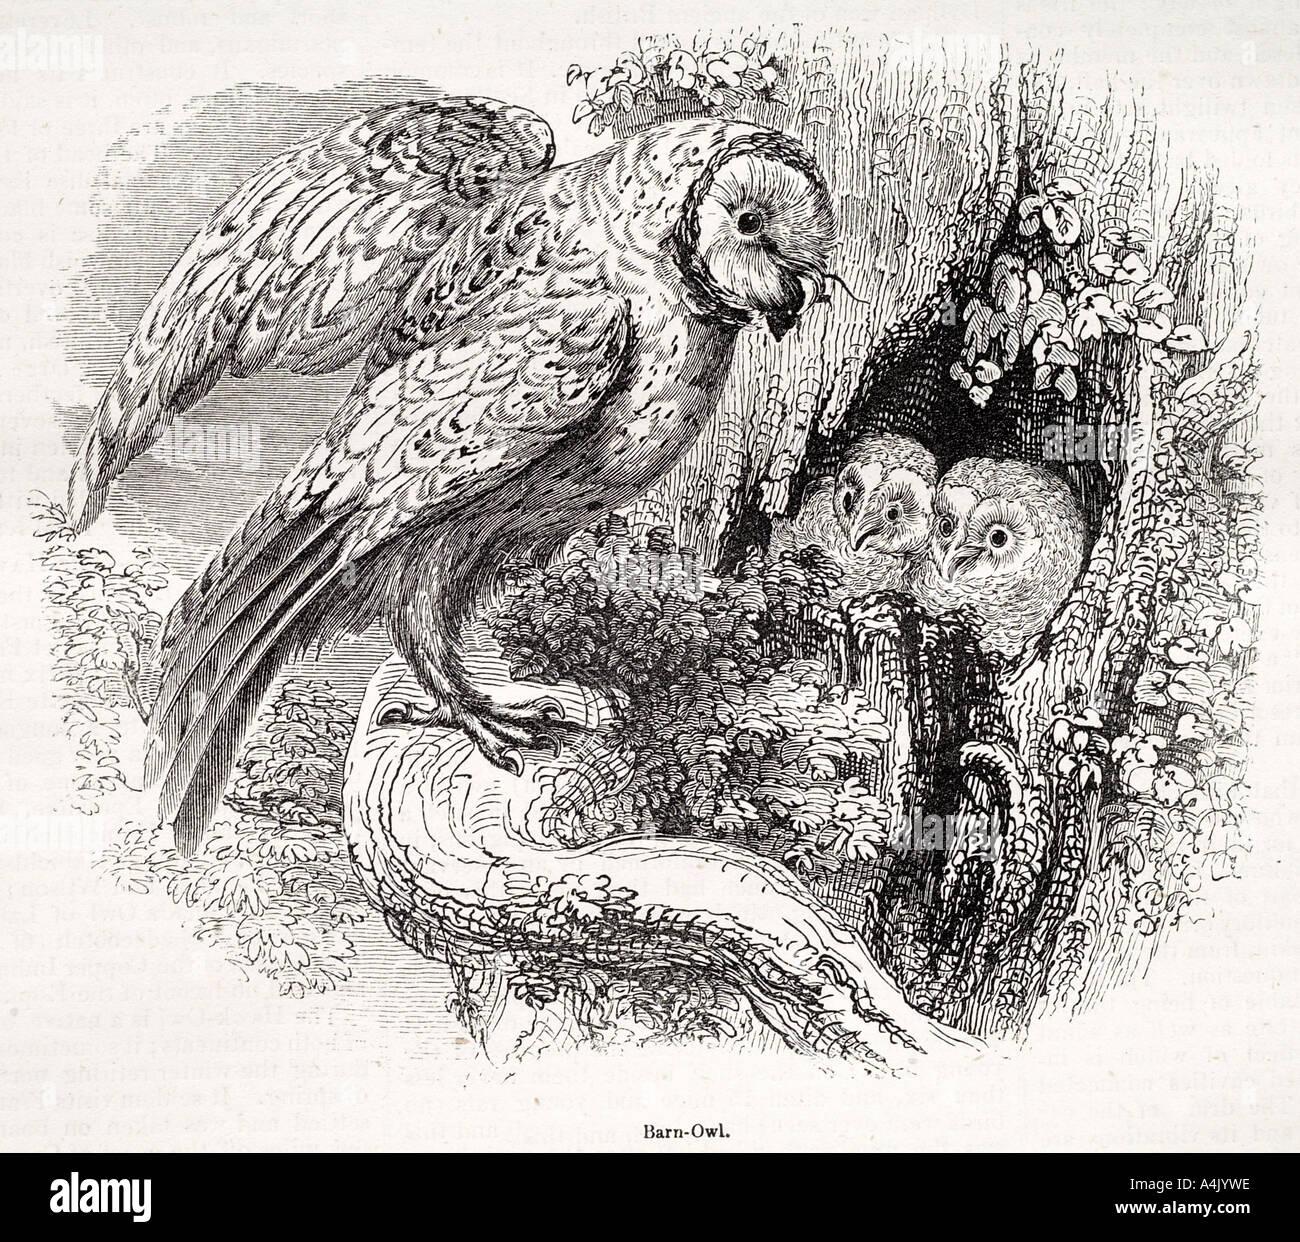 Schleiereule Tyto Alba Raptor aviäre Leben Natur natürlich Geschichte Eiablage Heck Flügel fliegen Schnabel Klaue Tier Profil Seite Ansicht Nocturna Stockbild